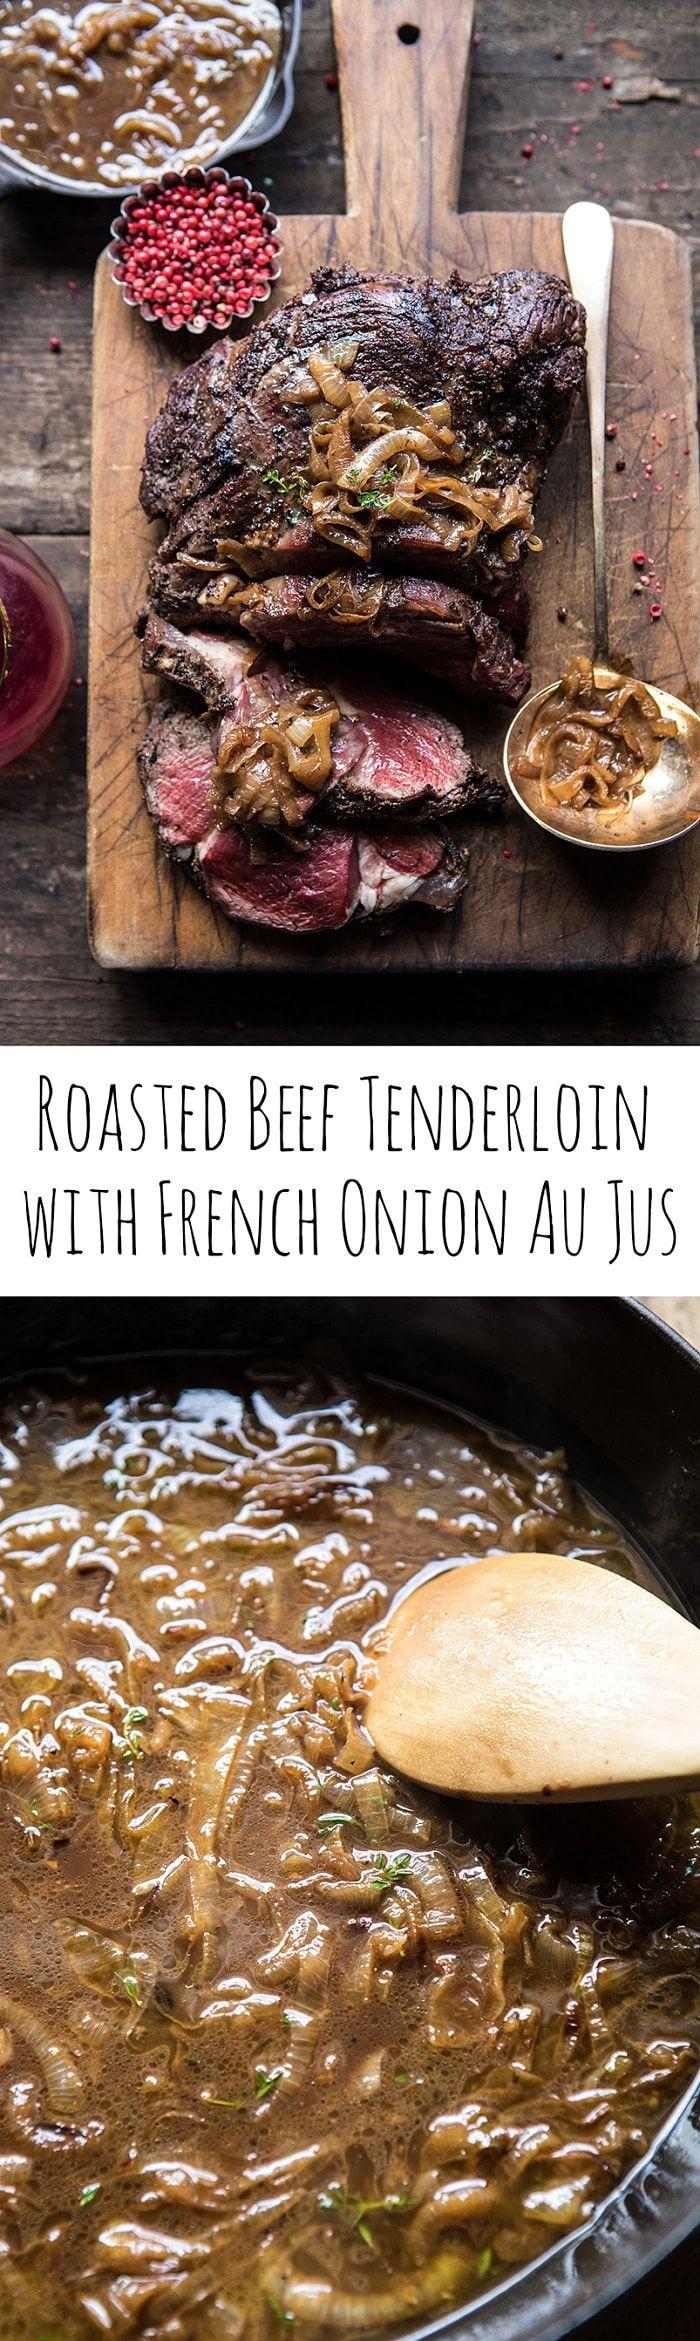 Best 25+ Roast beef ideas on Pinterest | Best roast beef ...